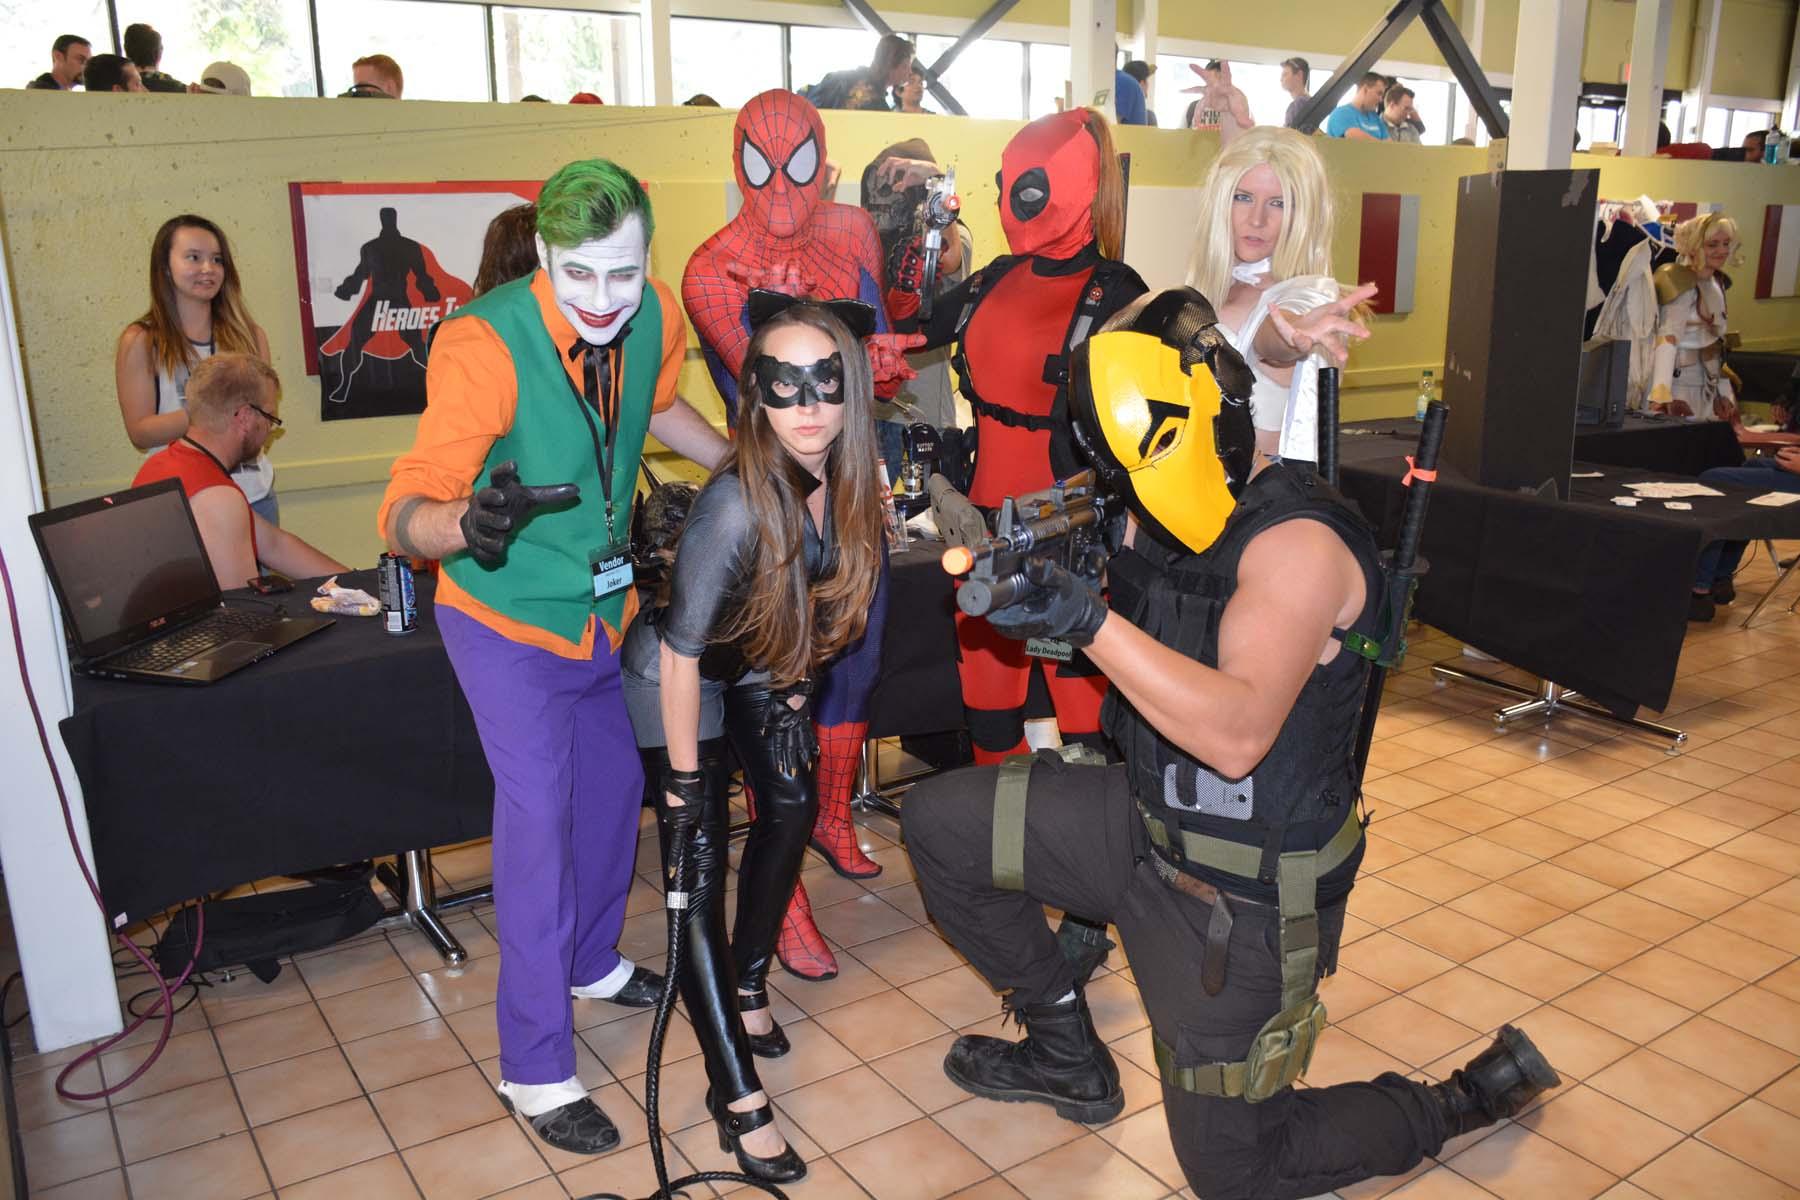 3joker-spiderman-deadpool-unknown-catwoman